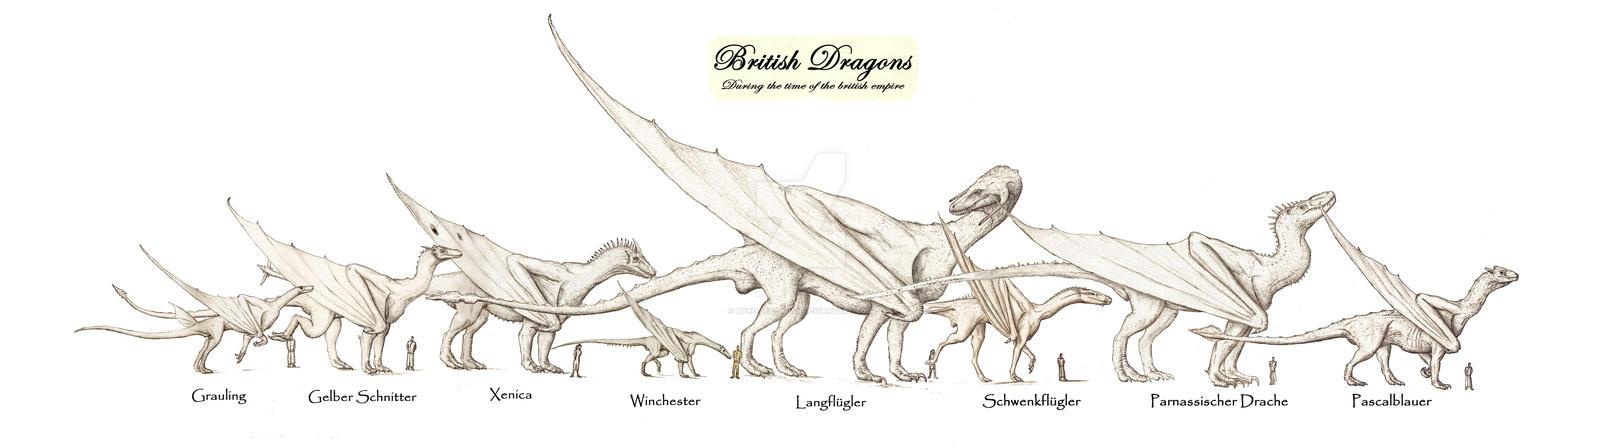 buy british dragon turinabol